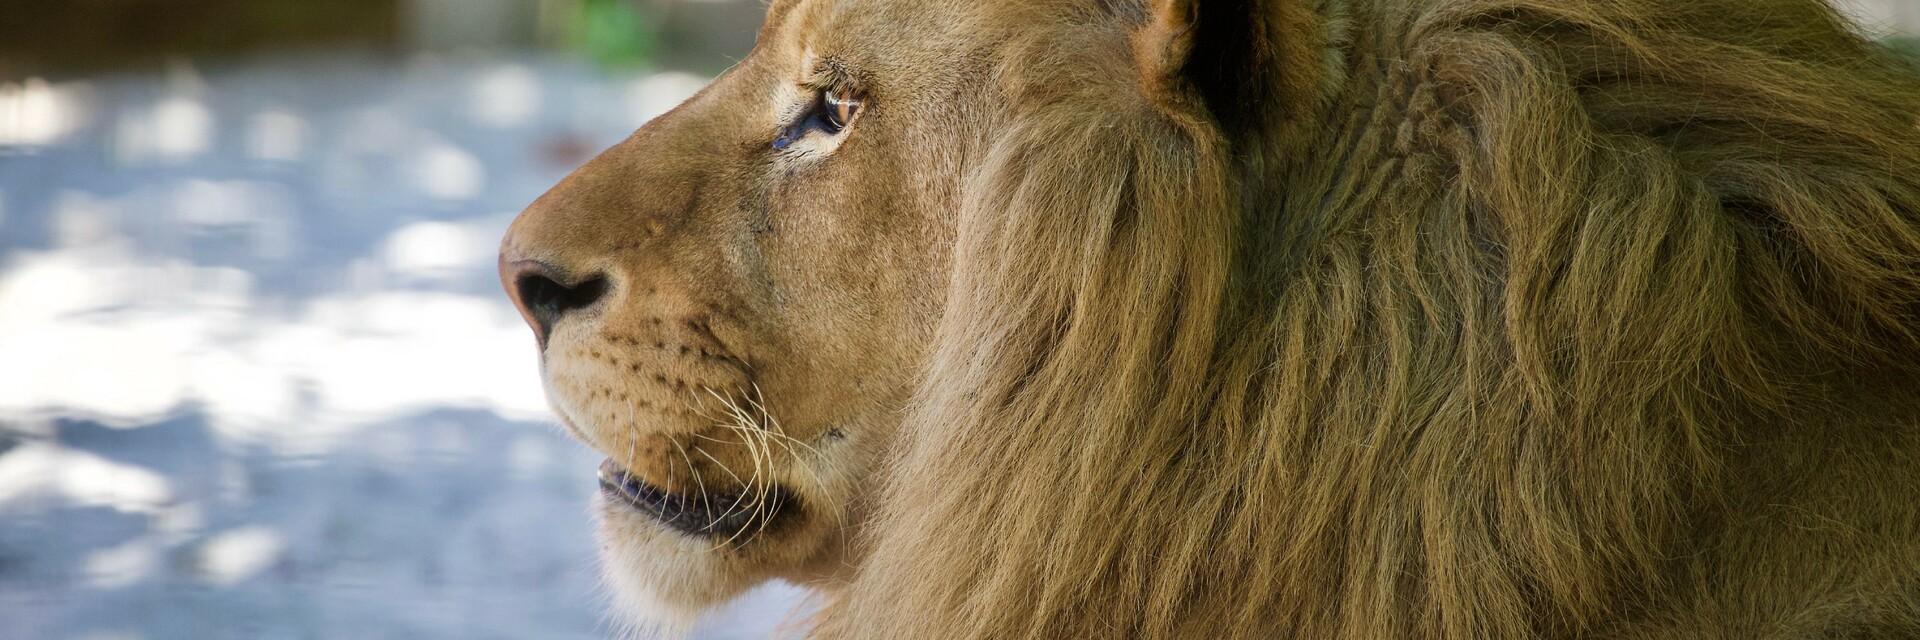 Lion Ivan-Asen in FELDIA 2019